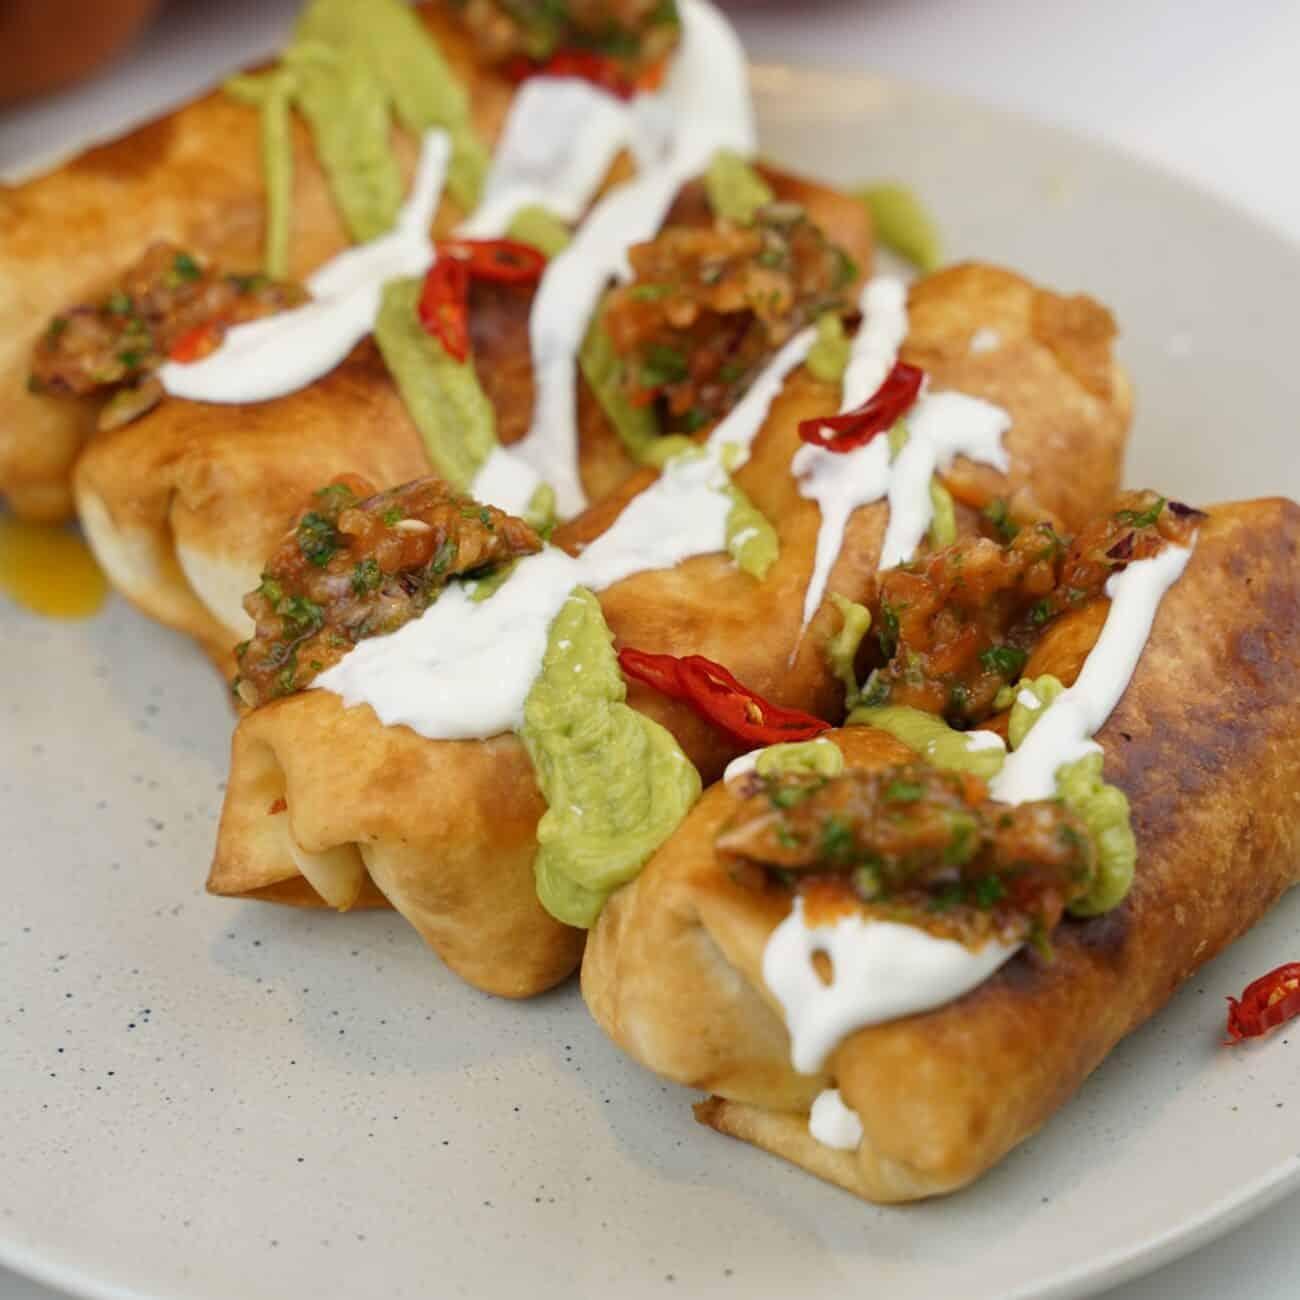 Taquitos – friterad taco med hemmagjord salsa, avokadokräm och gräddfil